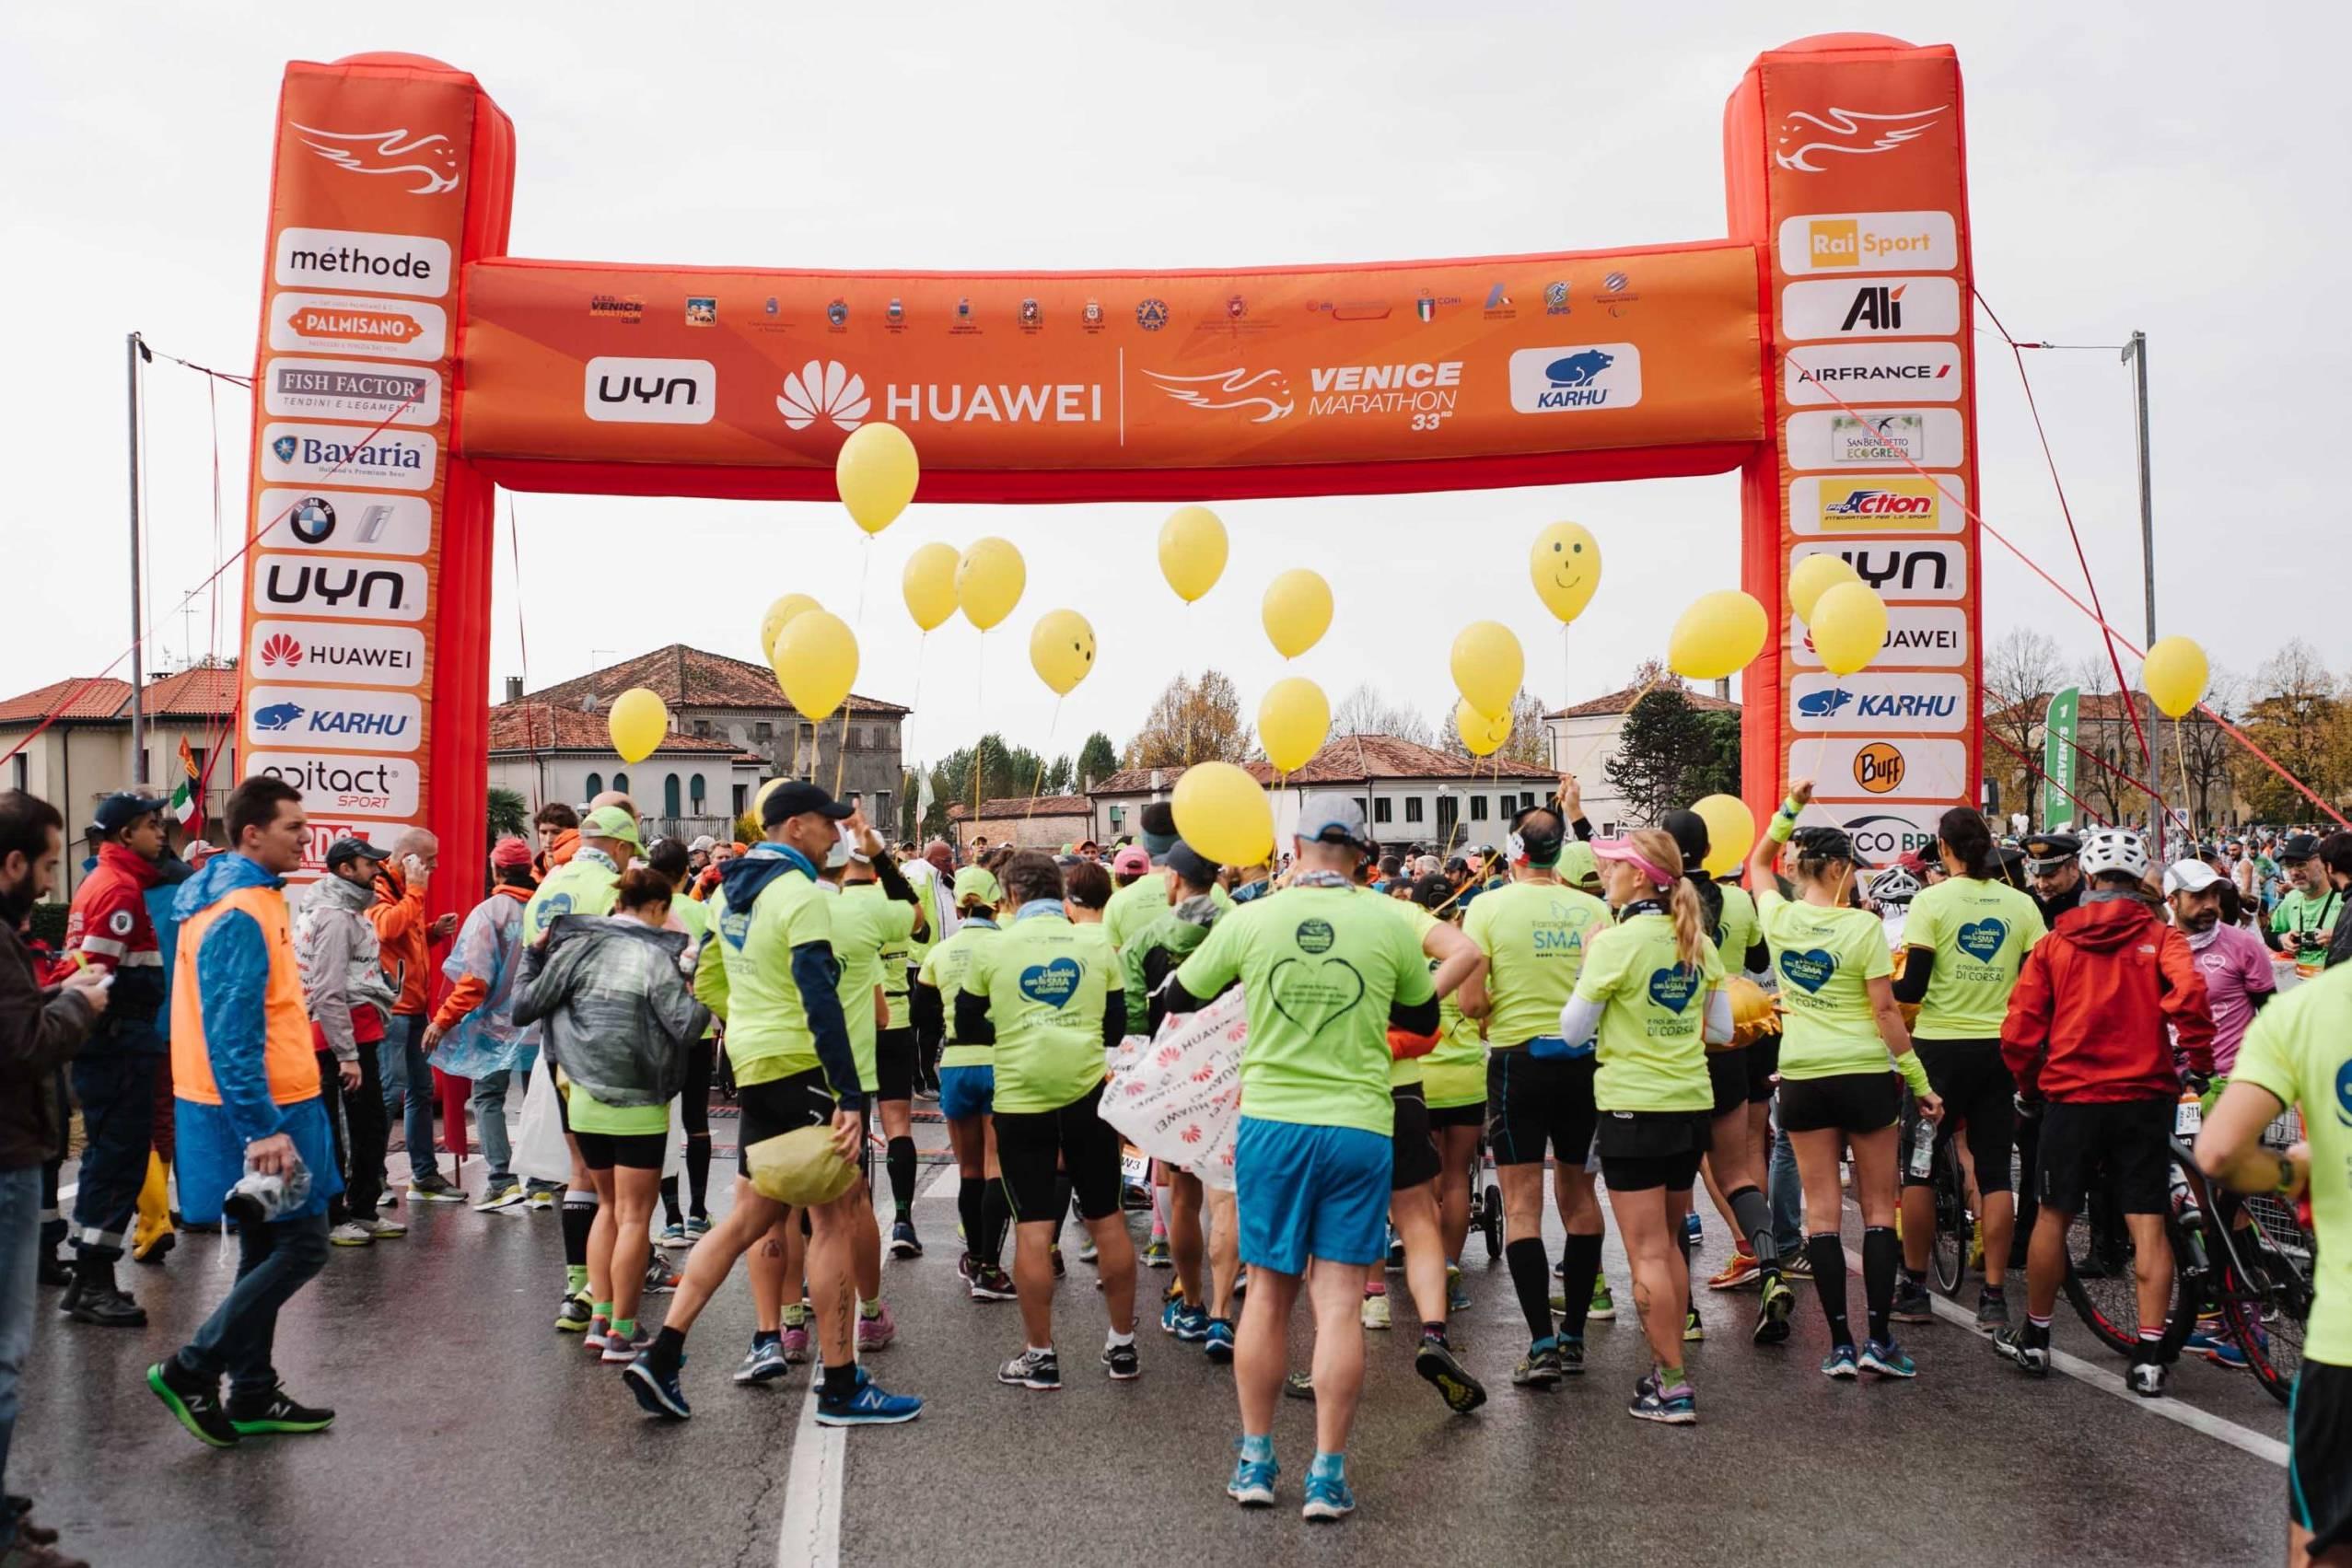 Festeggiamenti per l'arrivo huawei marathons